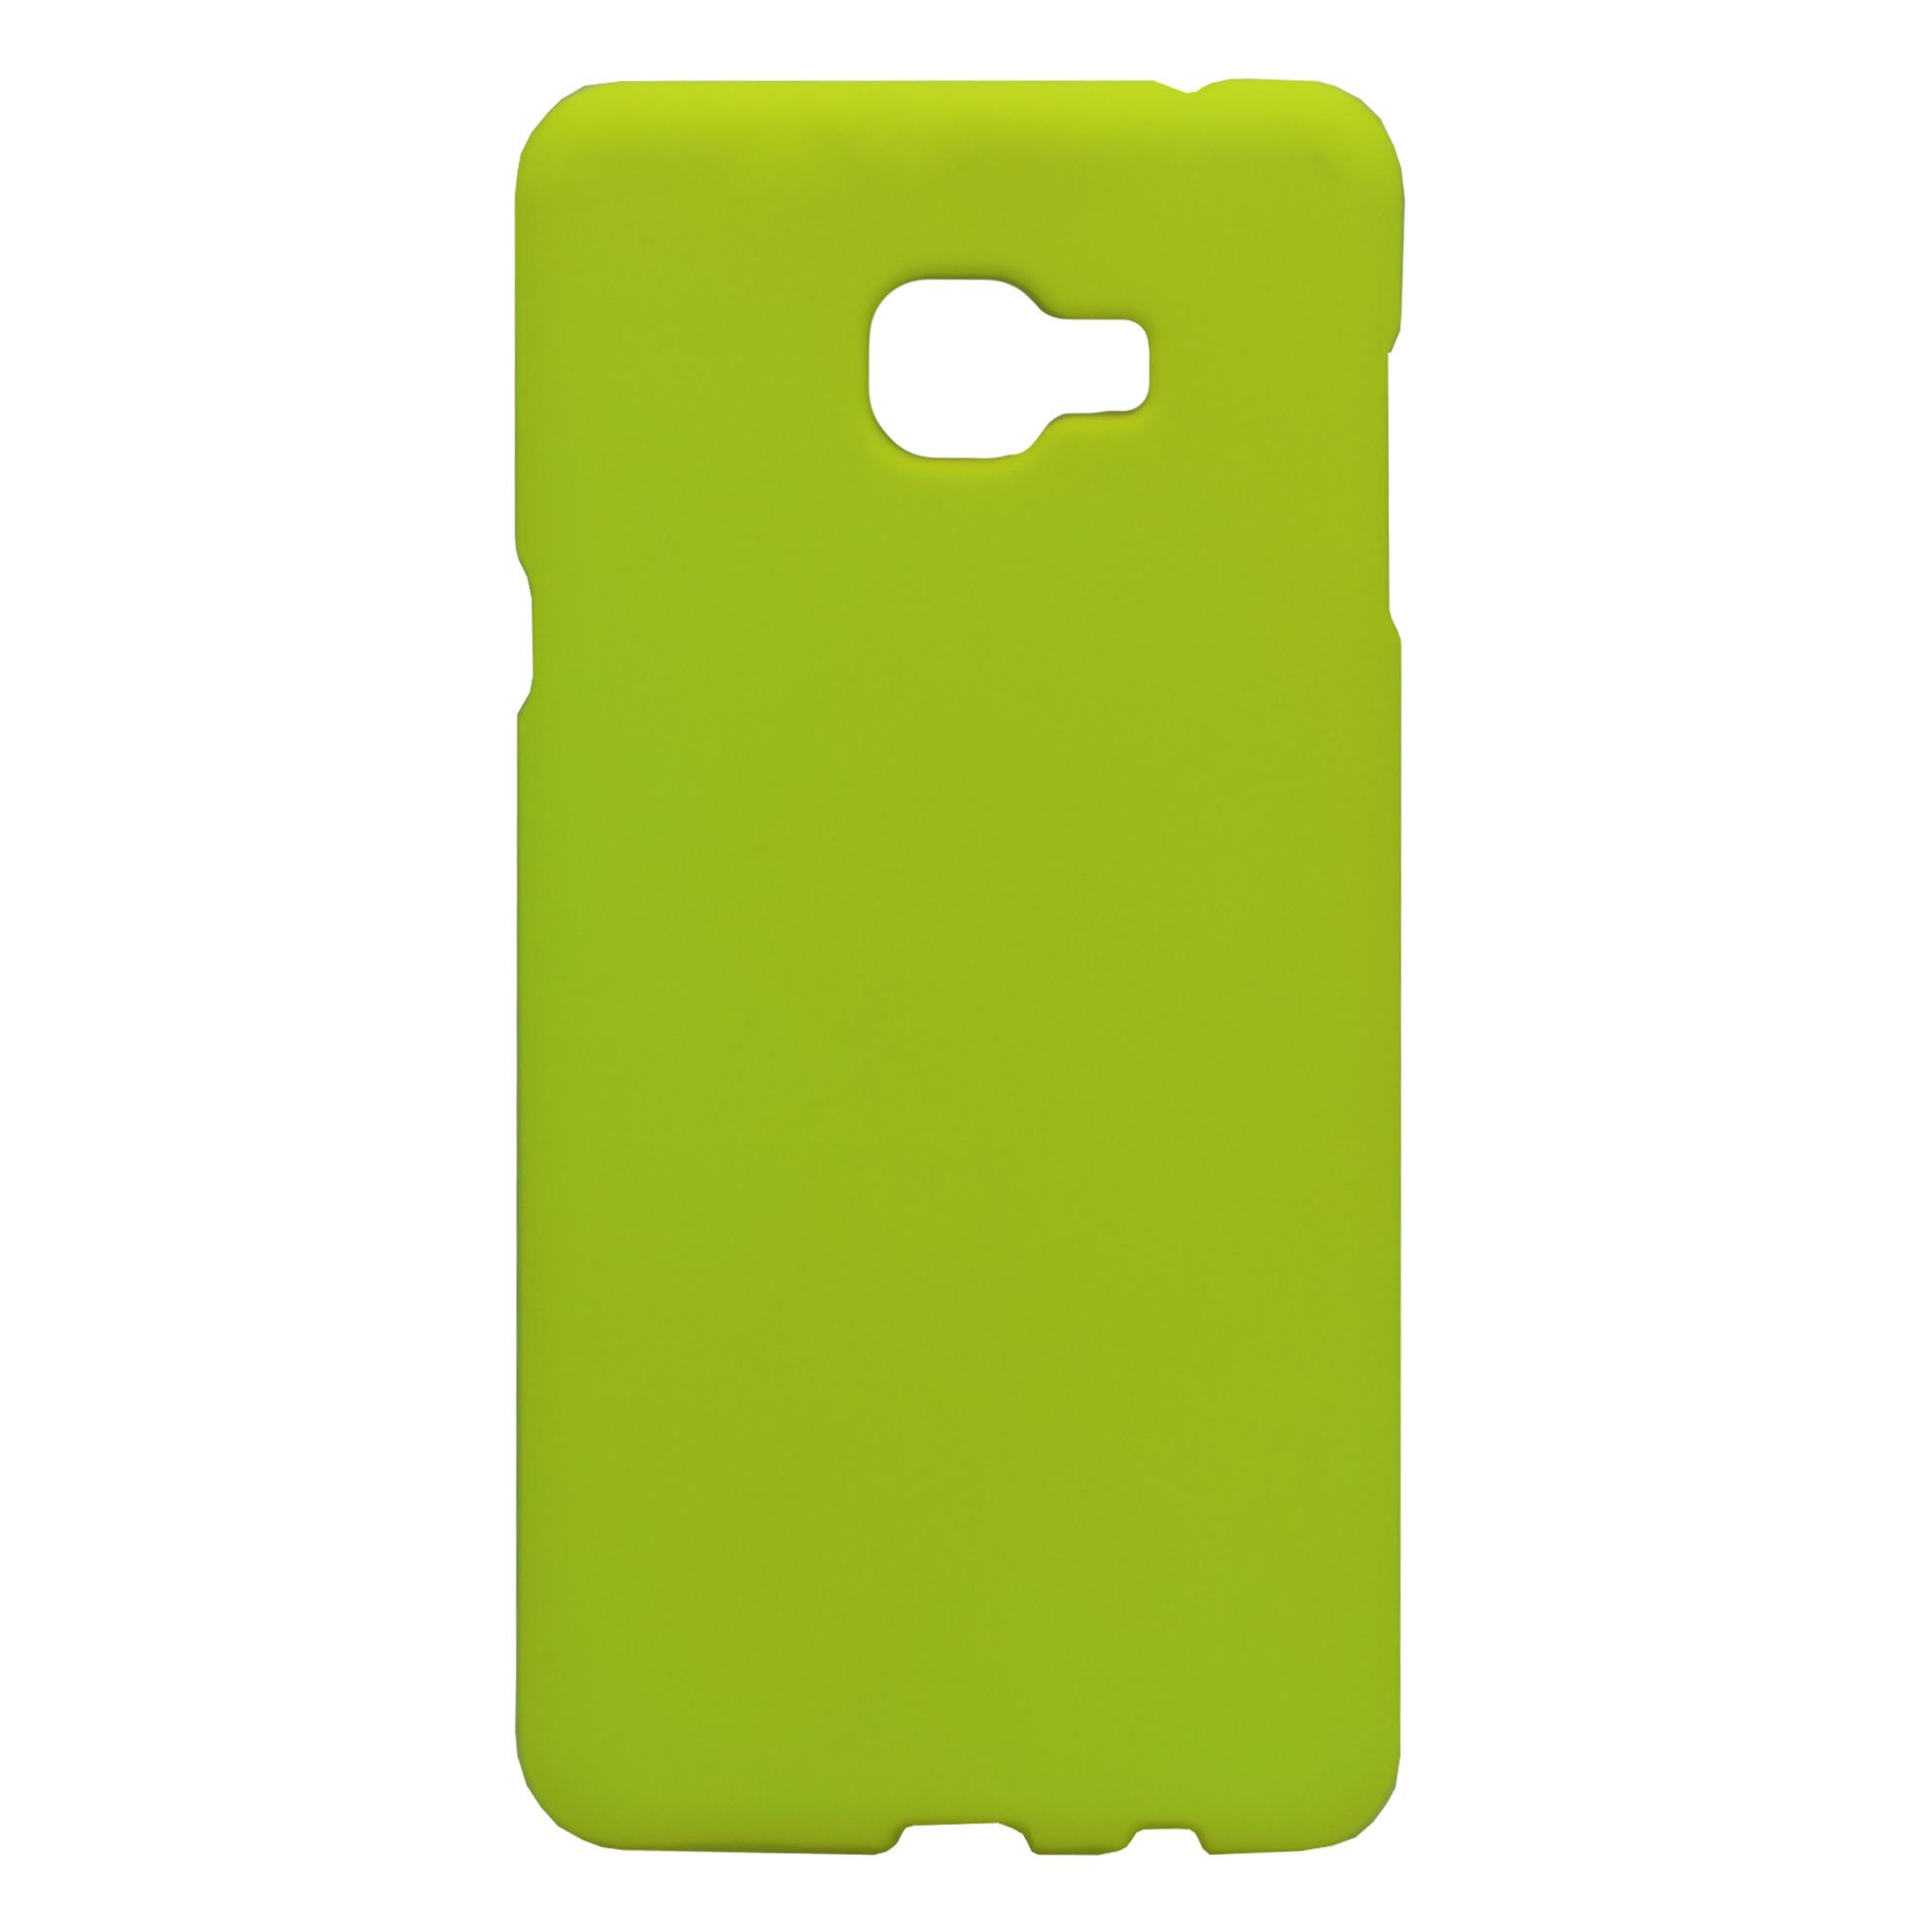 کاور مدل JLY-01 مناسب برای گوشی موبایل سامسونگ Galaxy C7              ( قیمت و خرید)